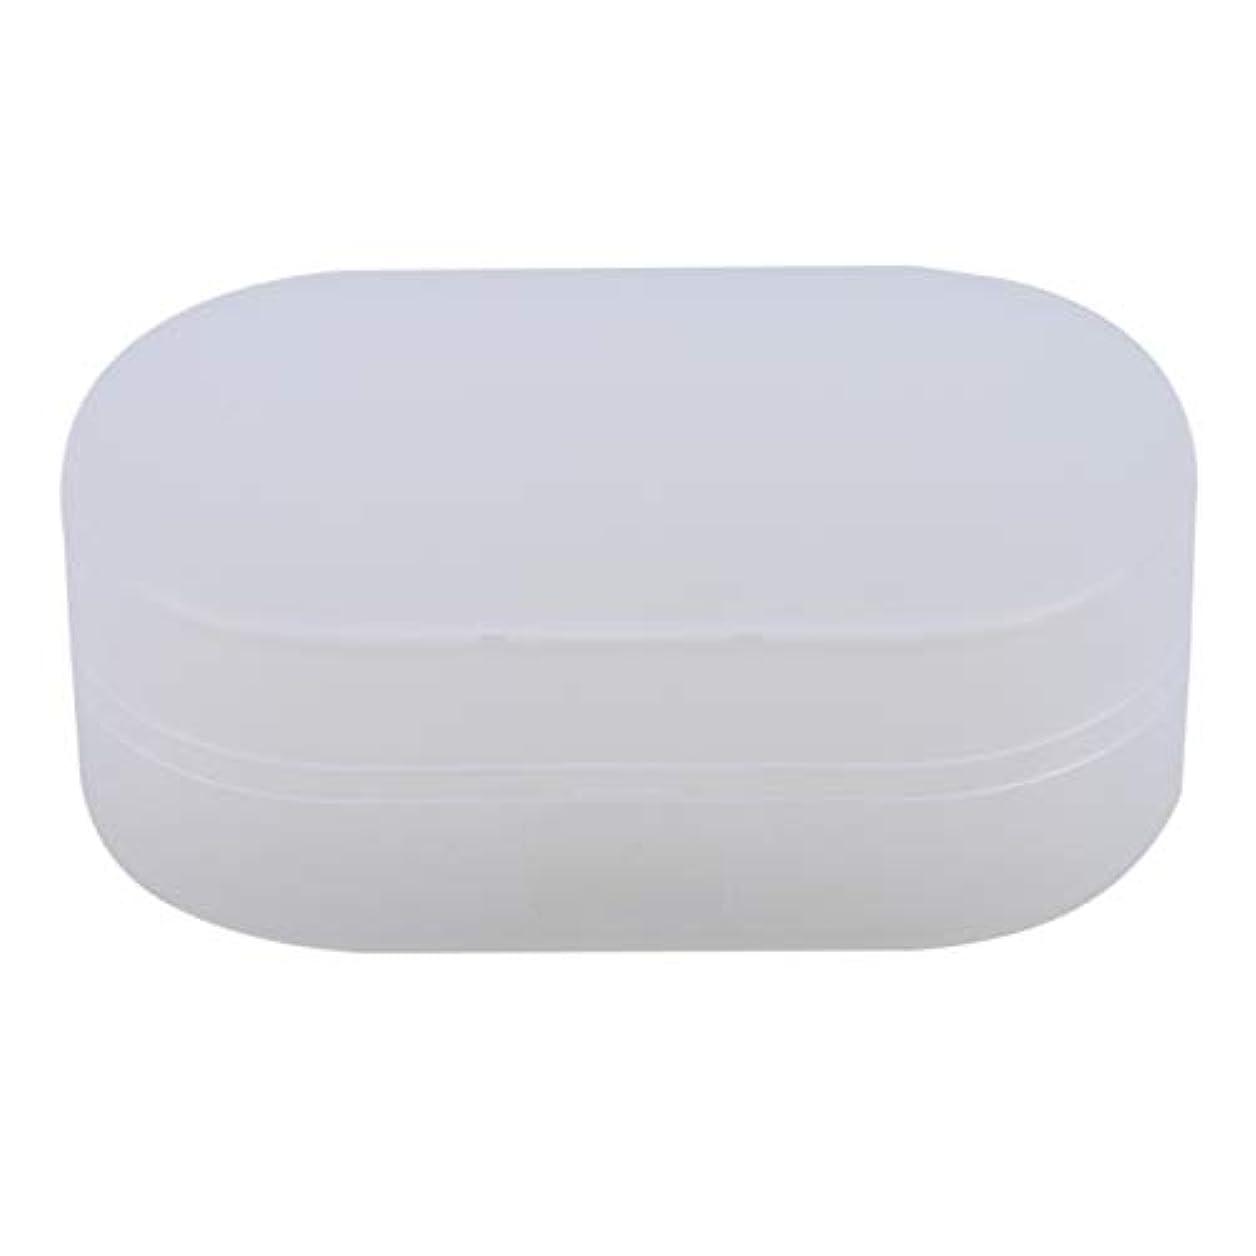 ポスター召集する垂直ZALINGソープボックスホルダーソープディッシュソープセーバーケースコンテナ用バスルームキャンプホワイト